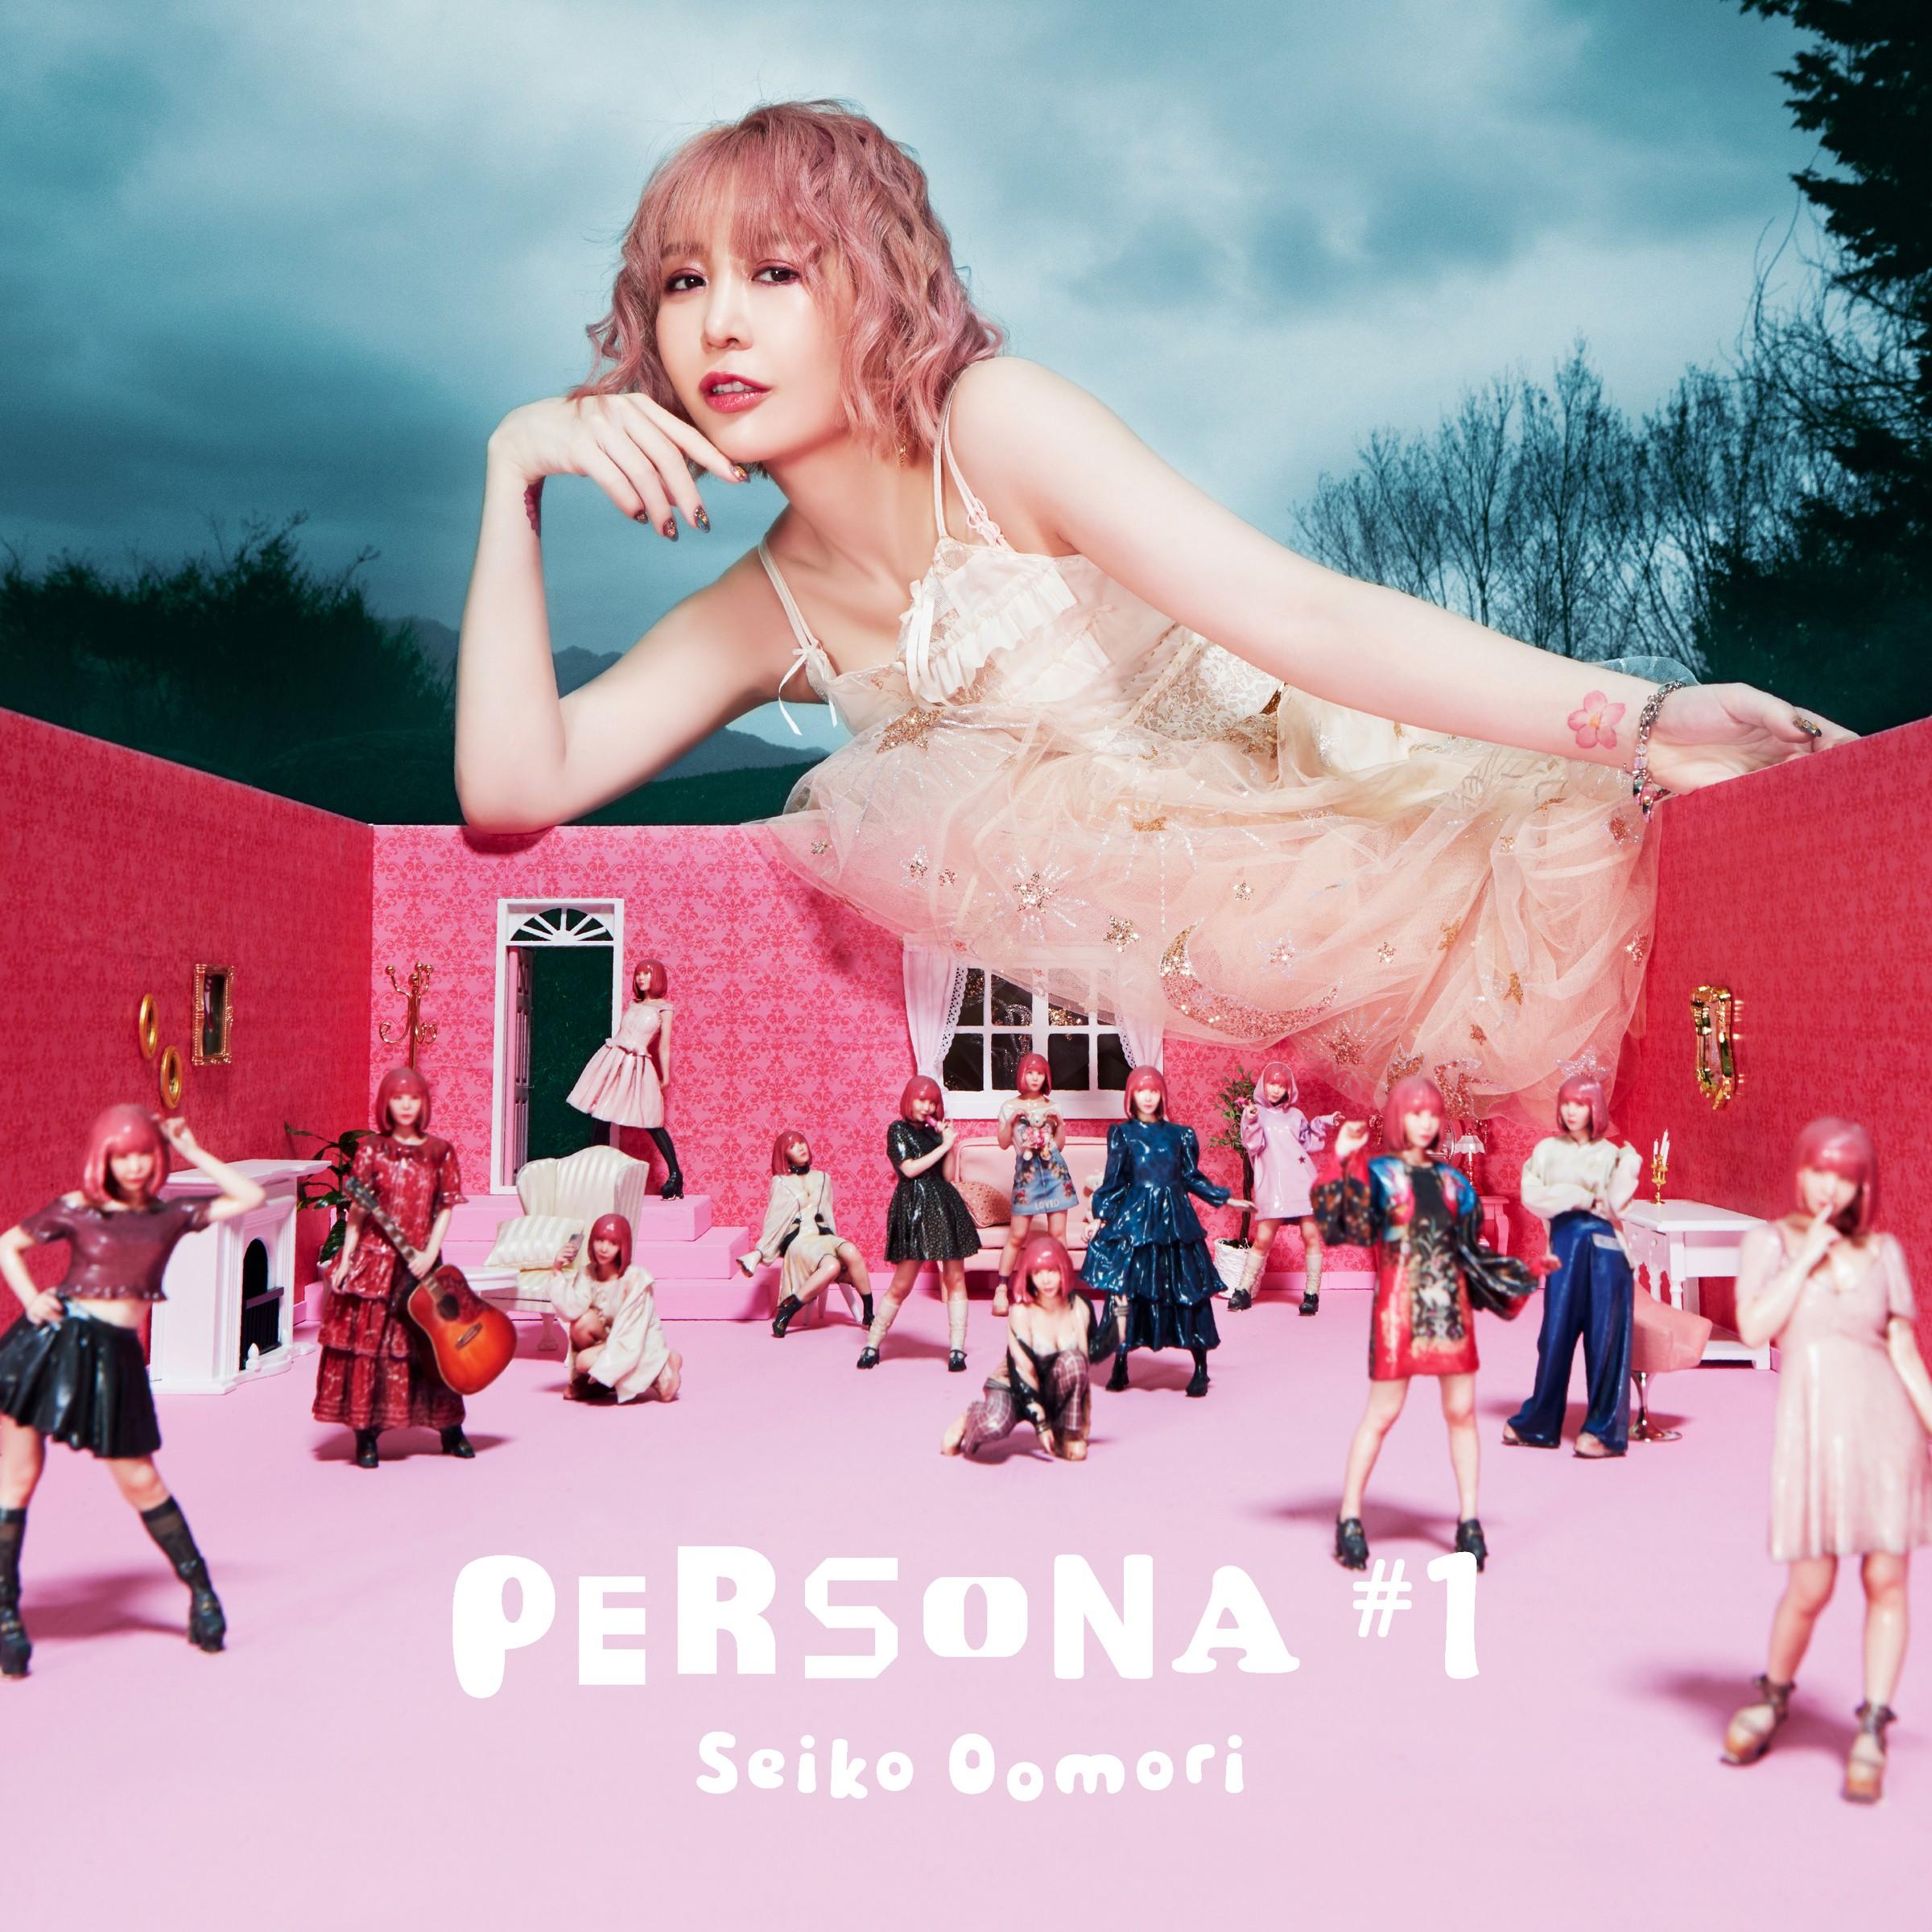 [Album] 大森靖子 (Seiko Oomori) – PERSONA #1 [FLAC + MP3 320 / CD] [2021.07.07]